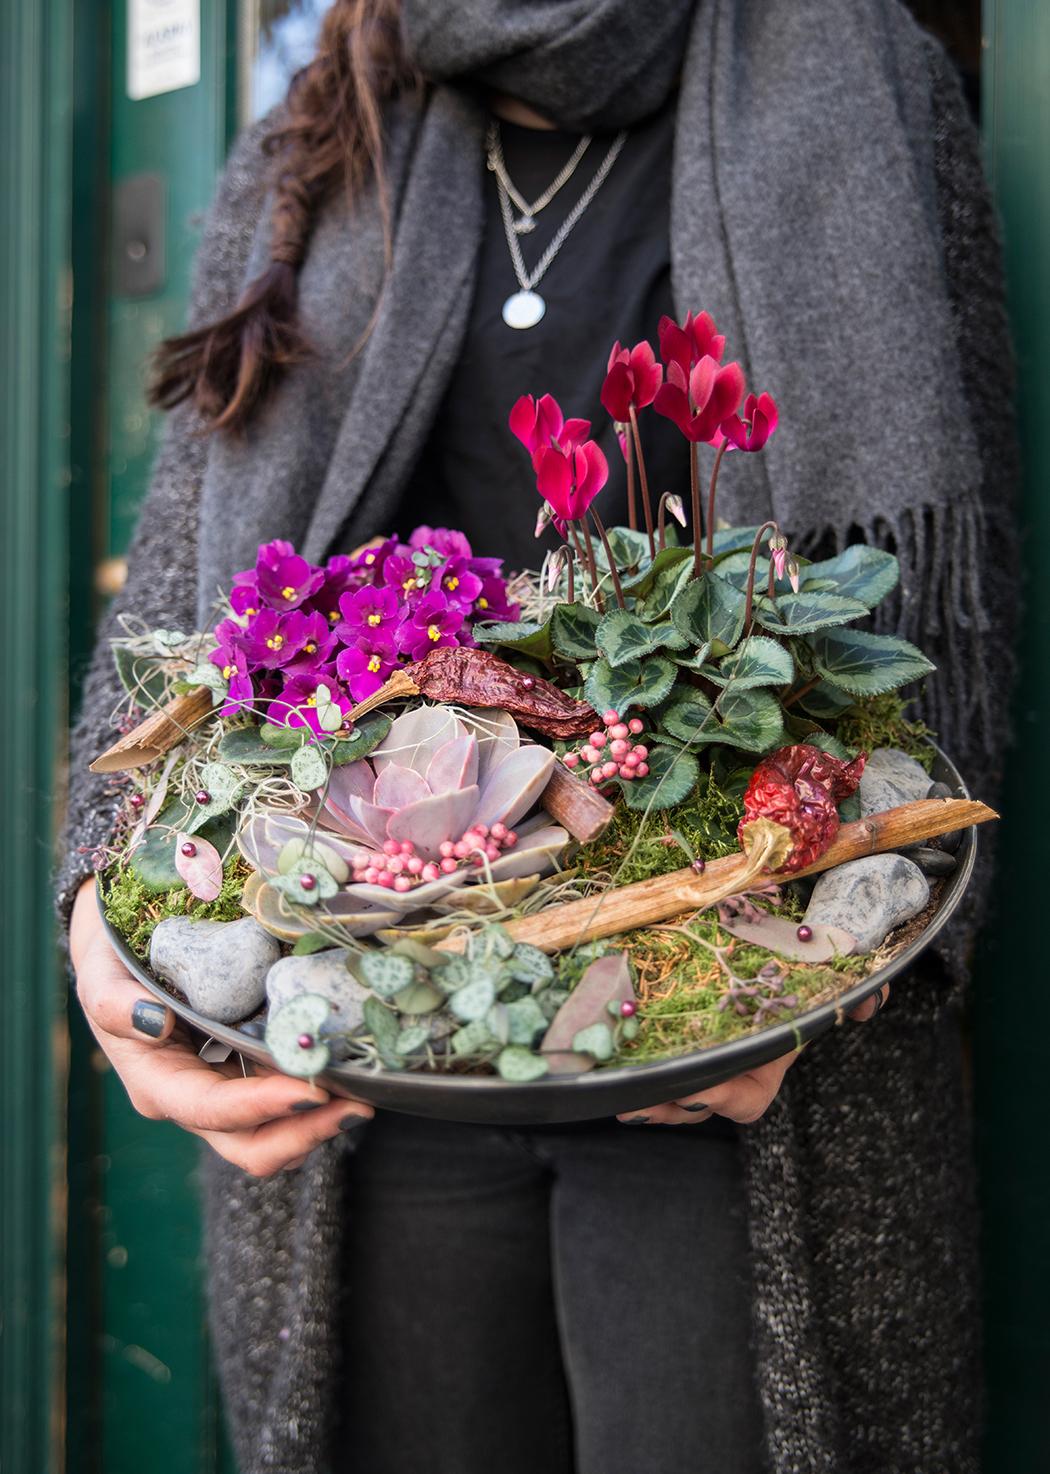 blomster-som-taler-hosten-hostgruppe-1